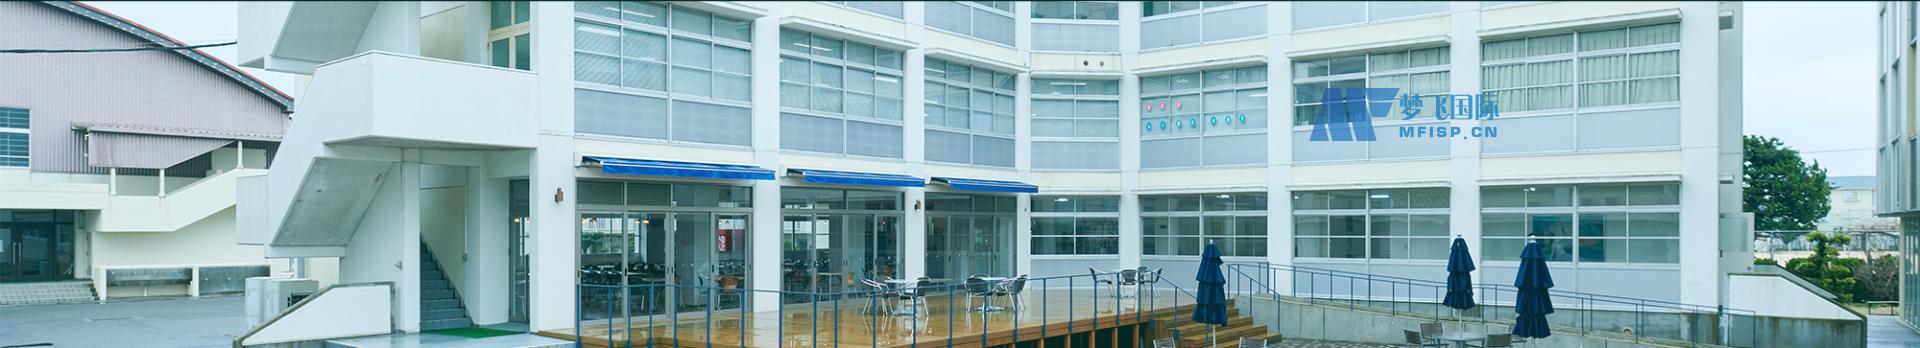 [日本院校] Kansai University of Nursing and Health 关西看护医疗大学